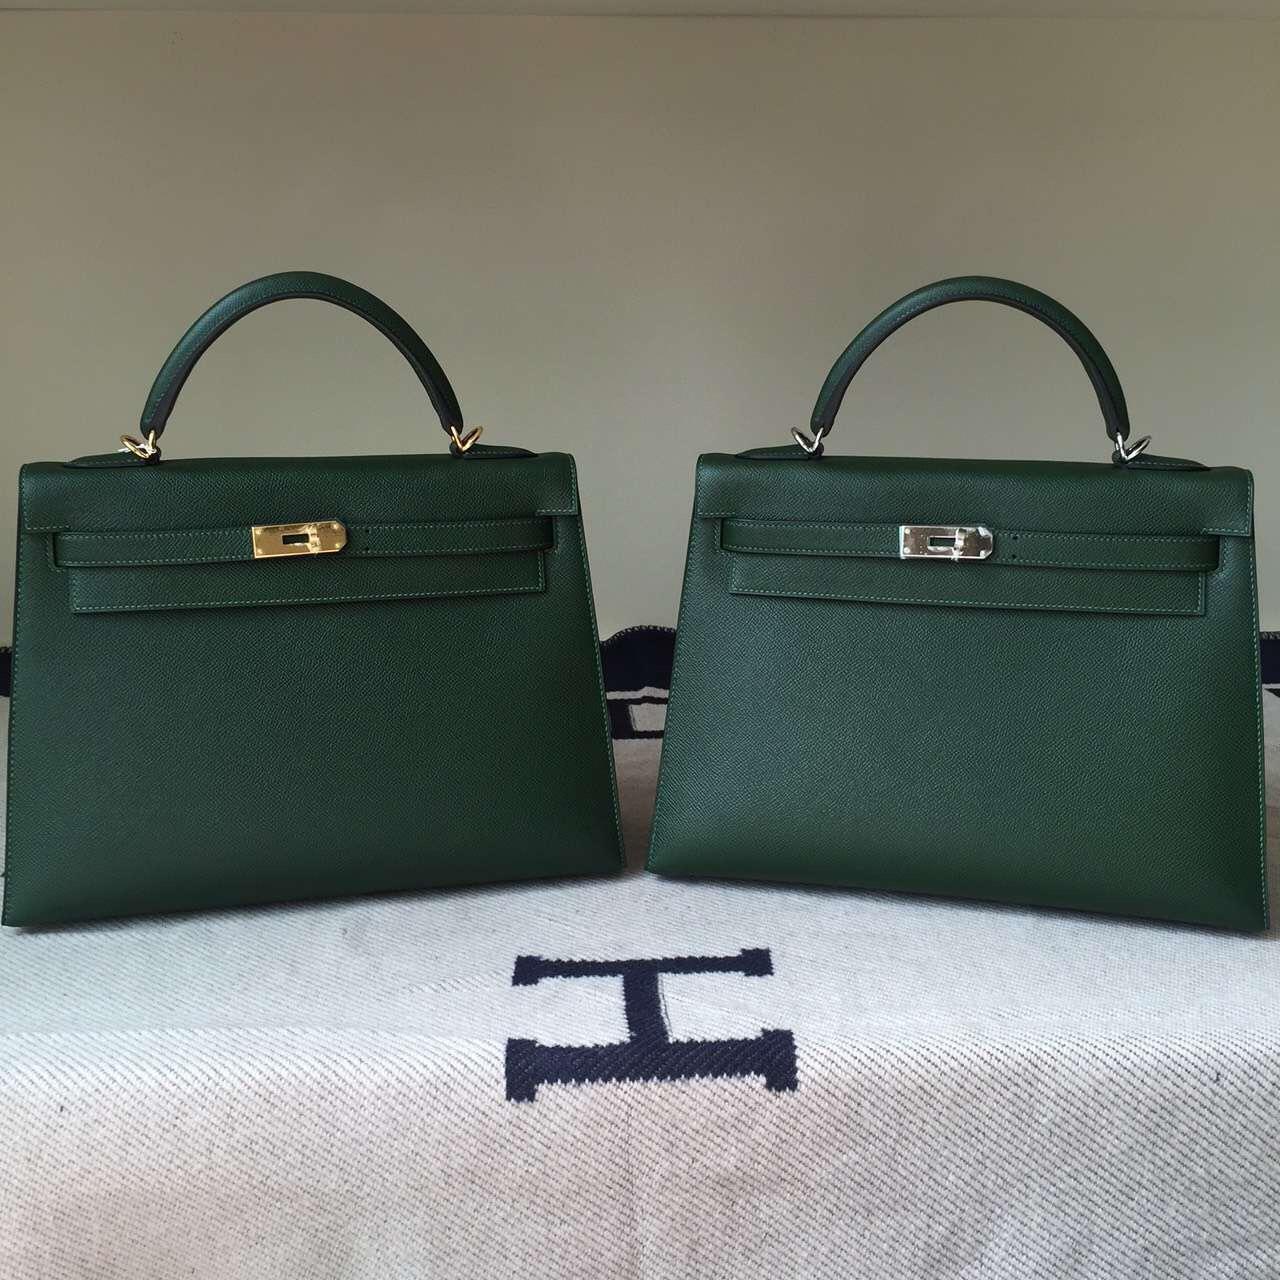 New Hermes Epsom Calfskin Leather Sellier Kelly Bag32CM in Vert Anglais